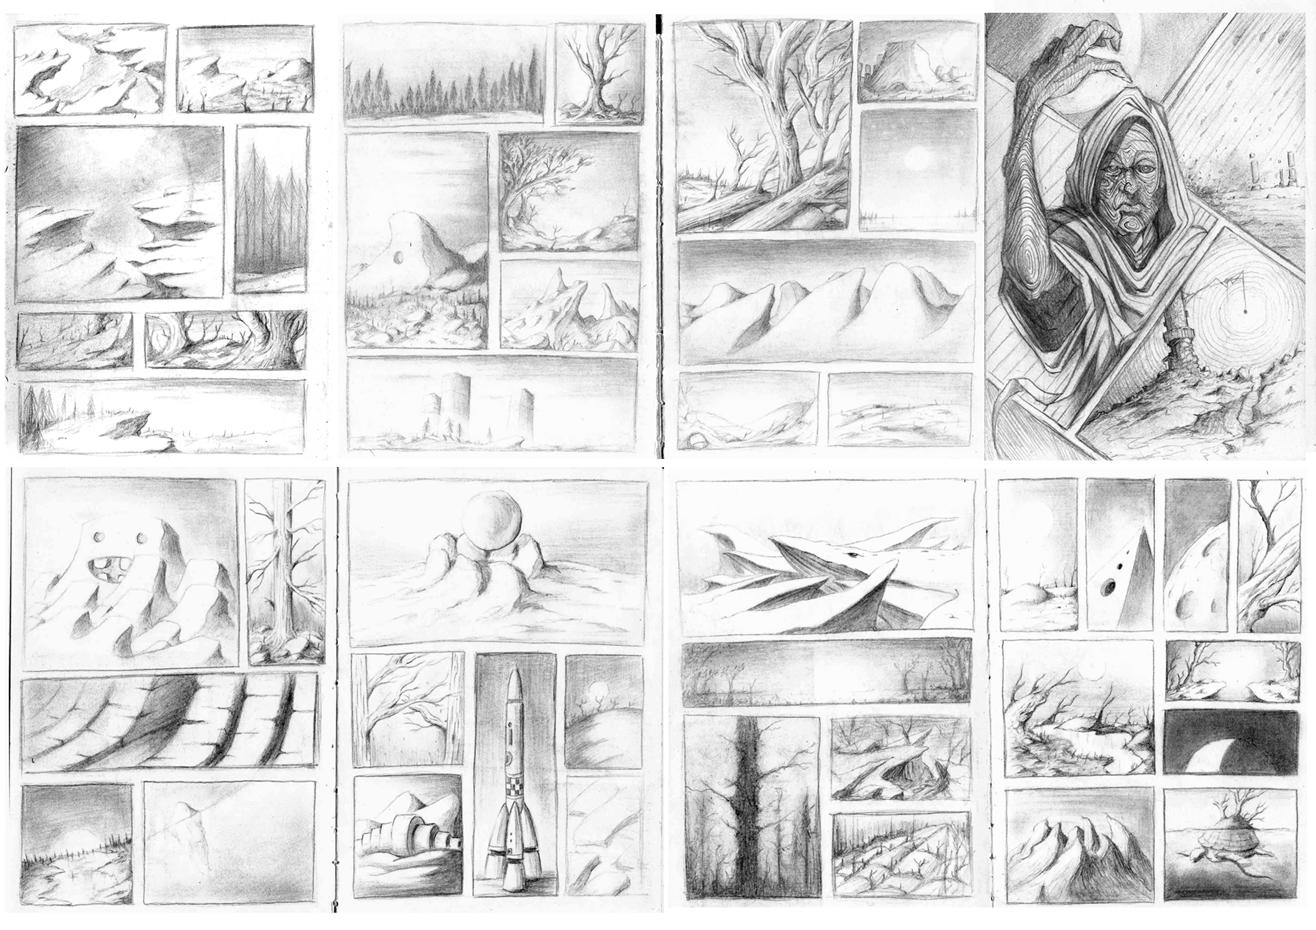 sketchbookpages5